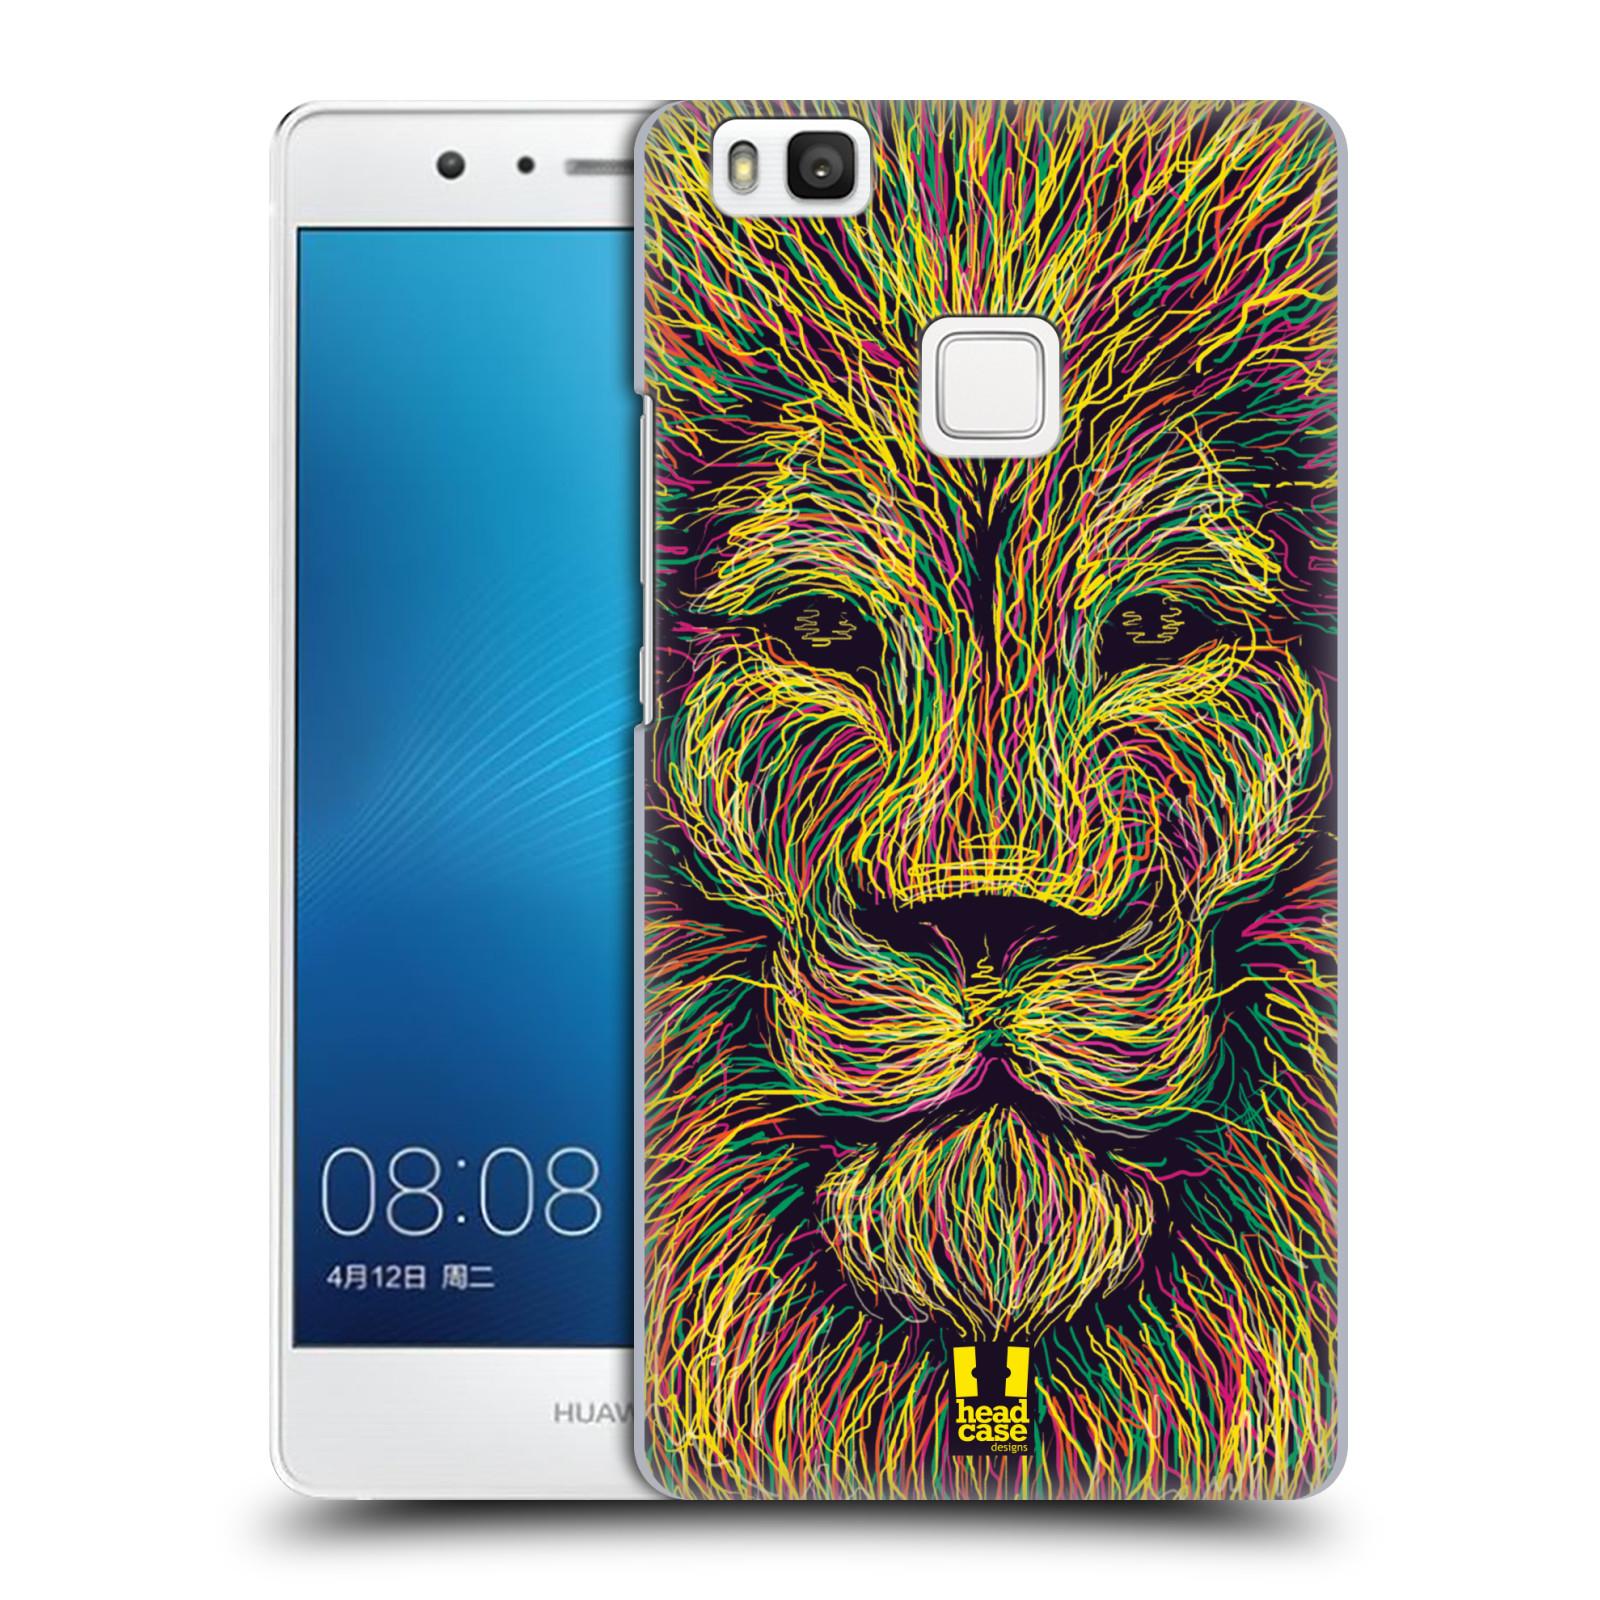 HEAD CASE plastový obal na mobil Huawei P9 LITE / P9 LITE DUAL SIM vzor zvíře čmáranice lev